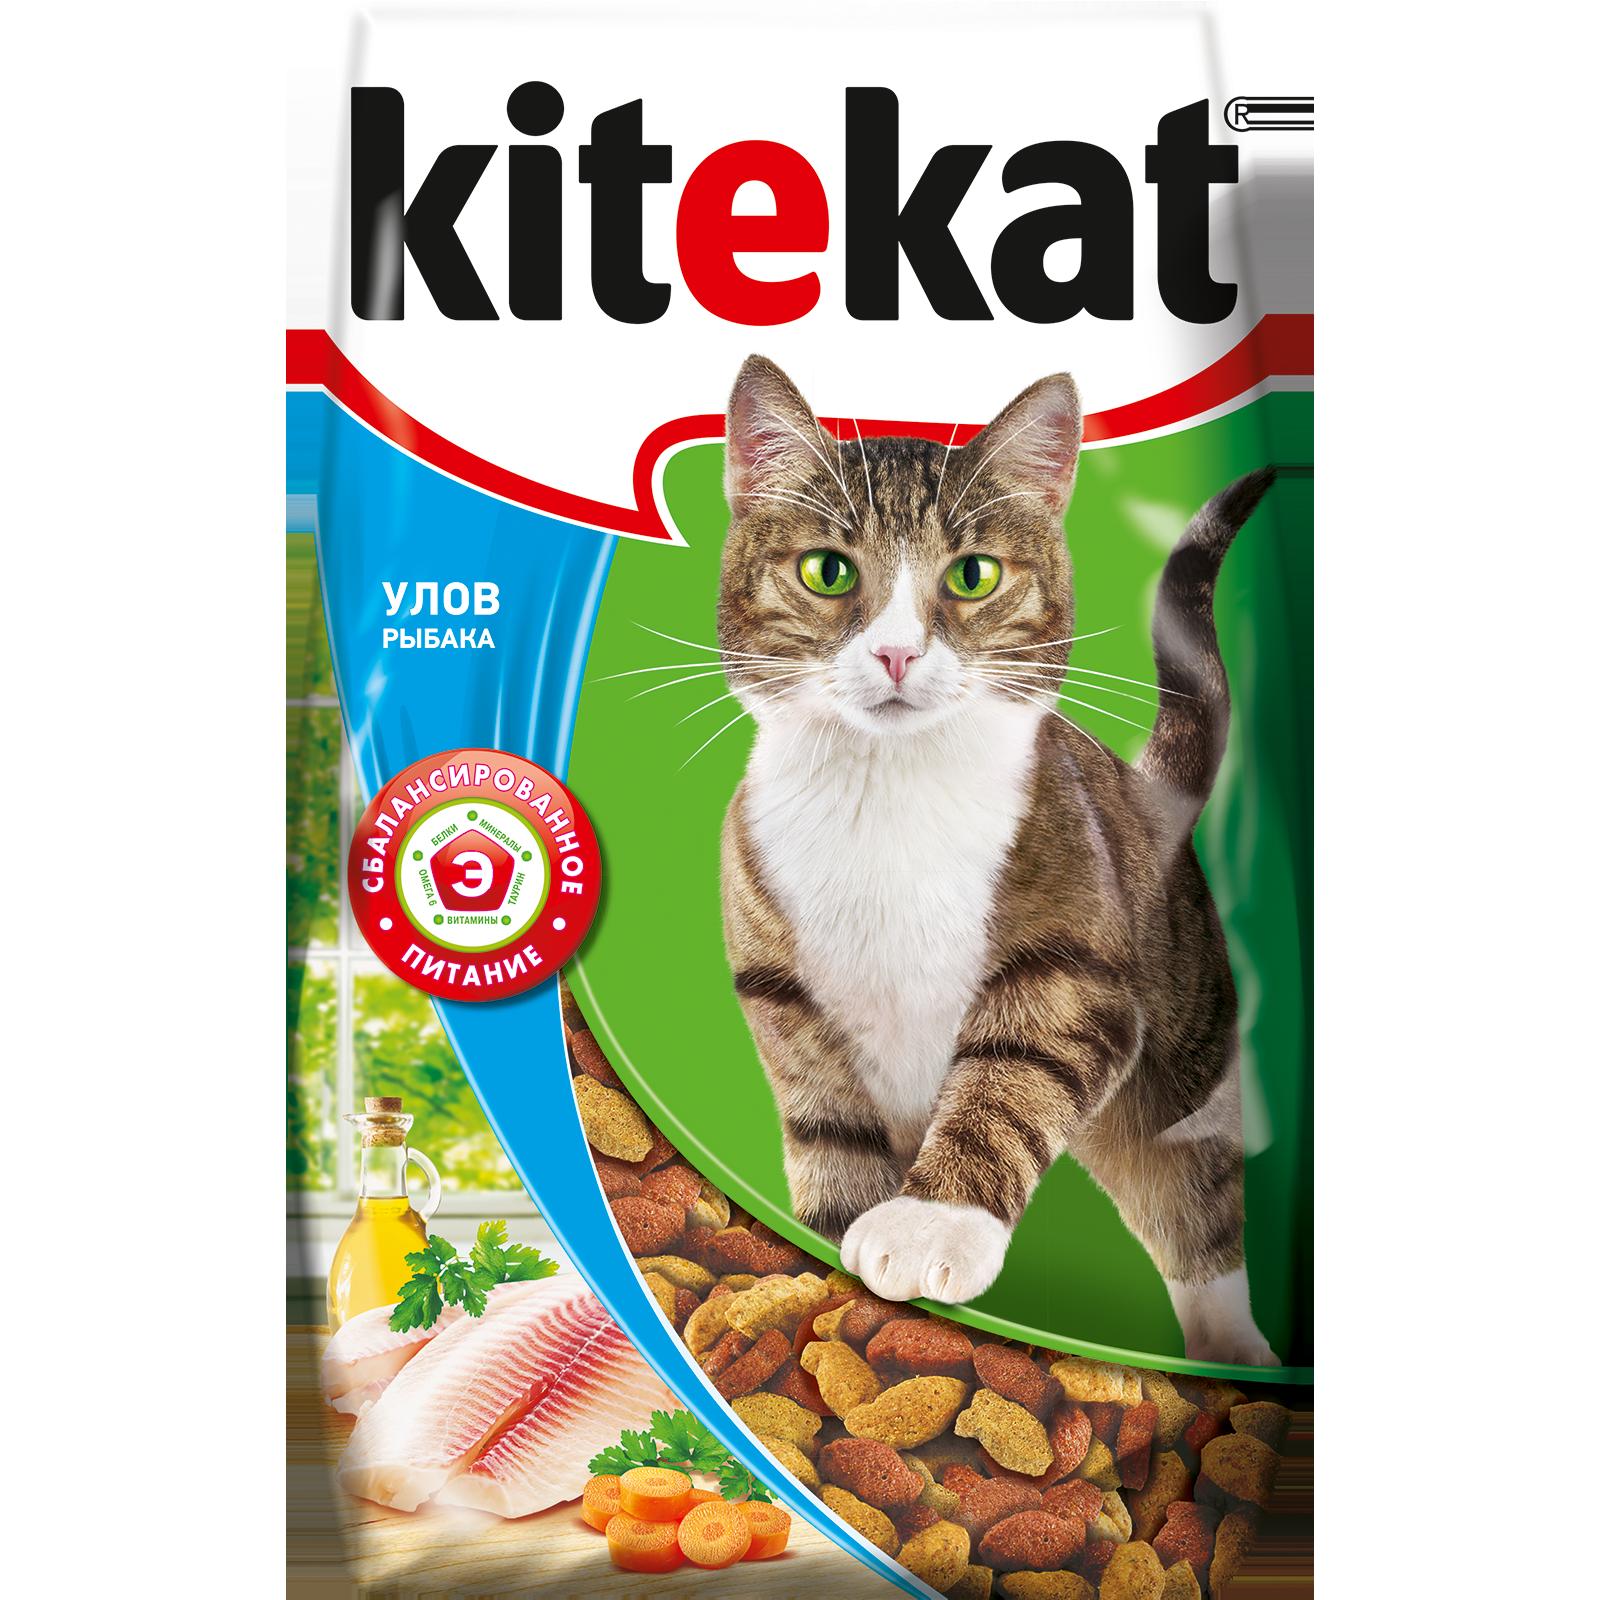 Сухой корм для кошек Kitekat, улов рыбака, 0,8кг